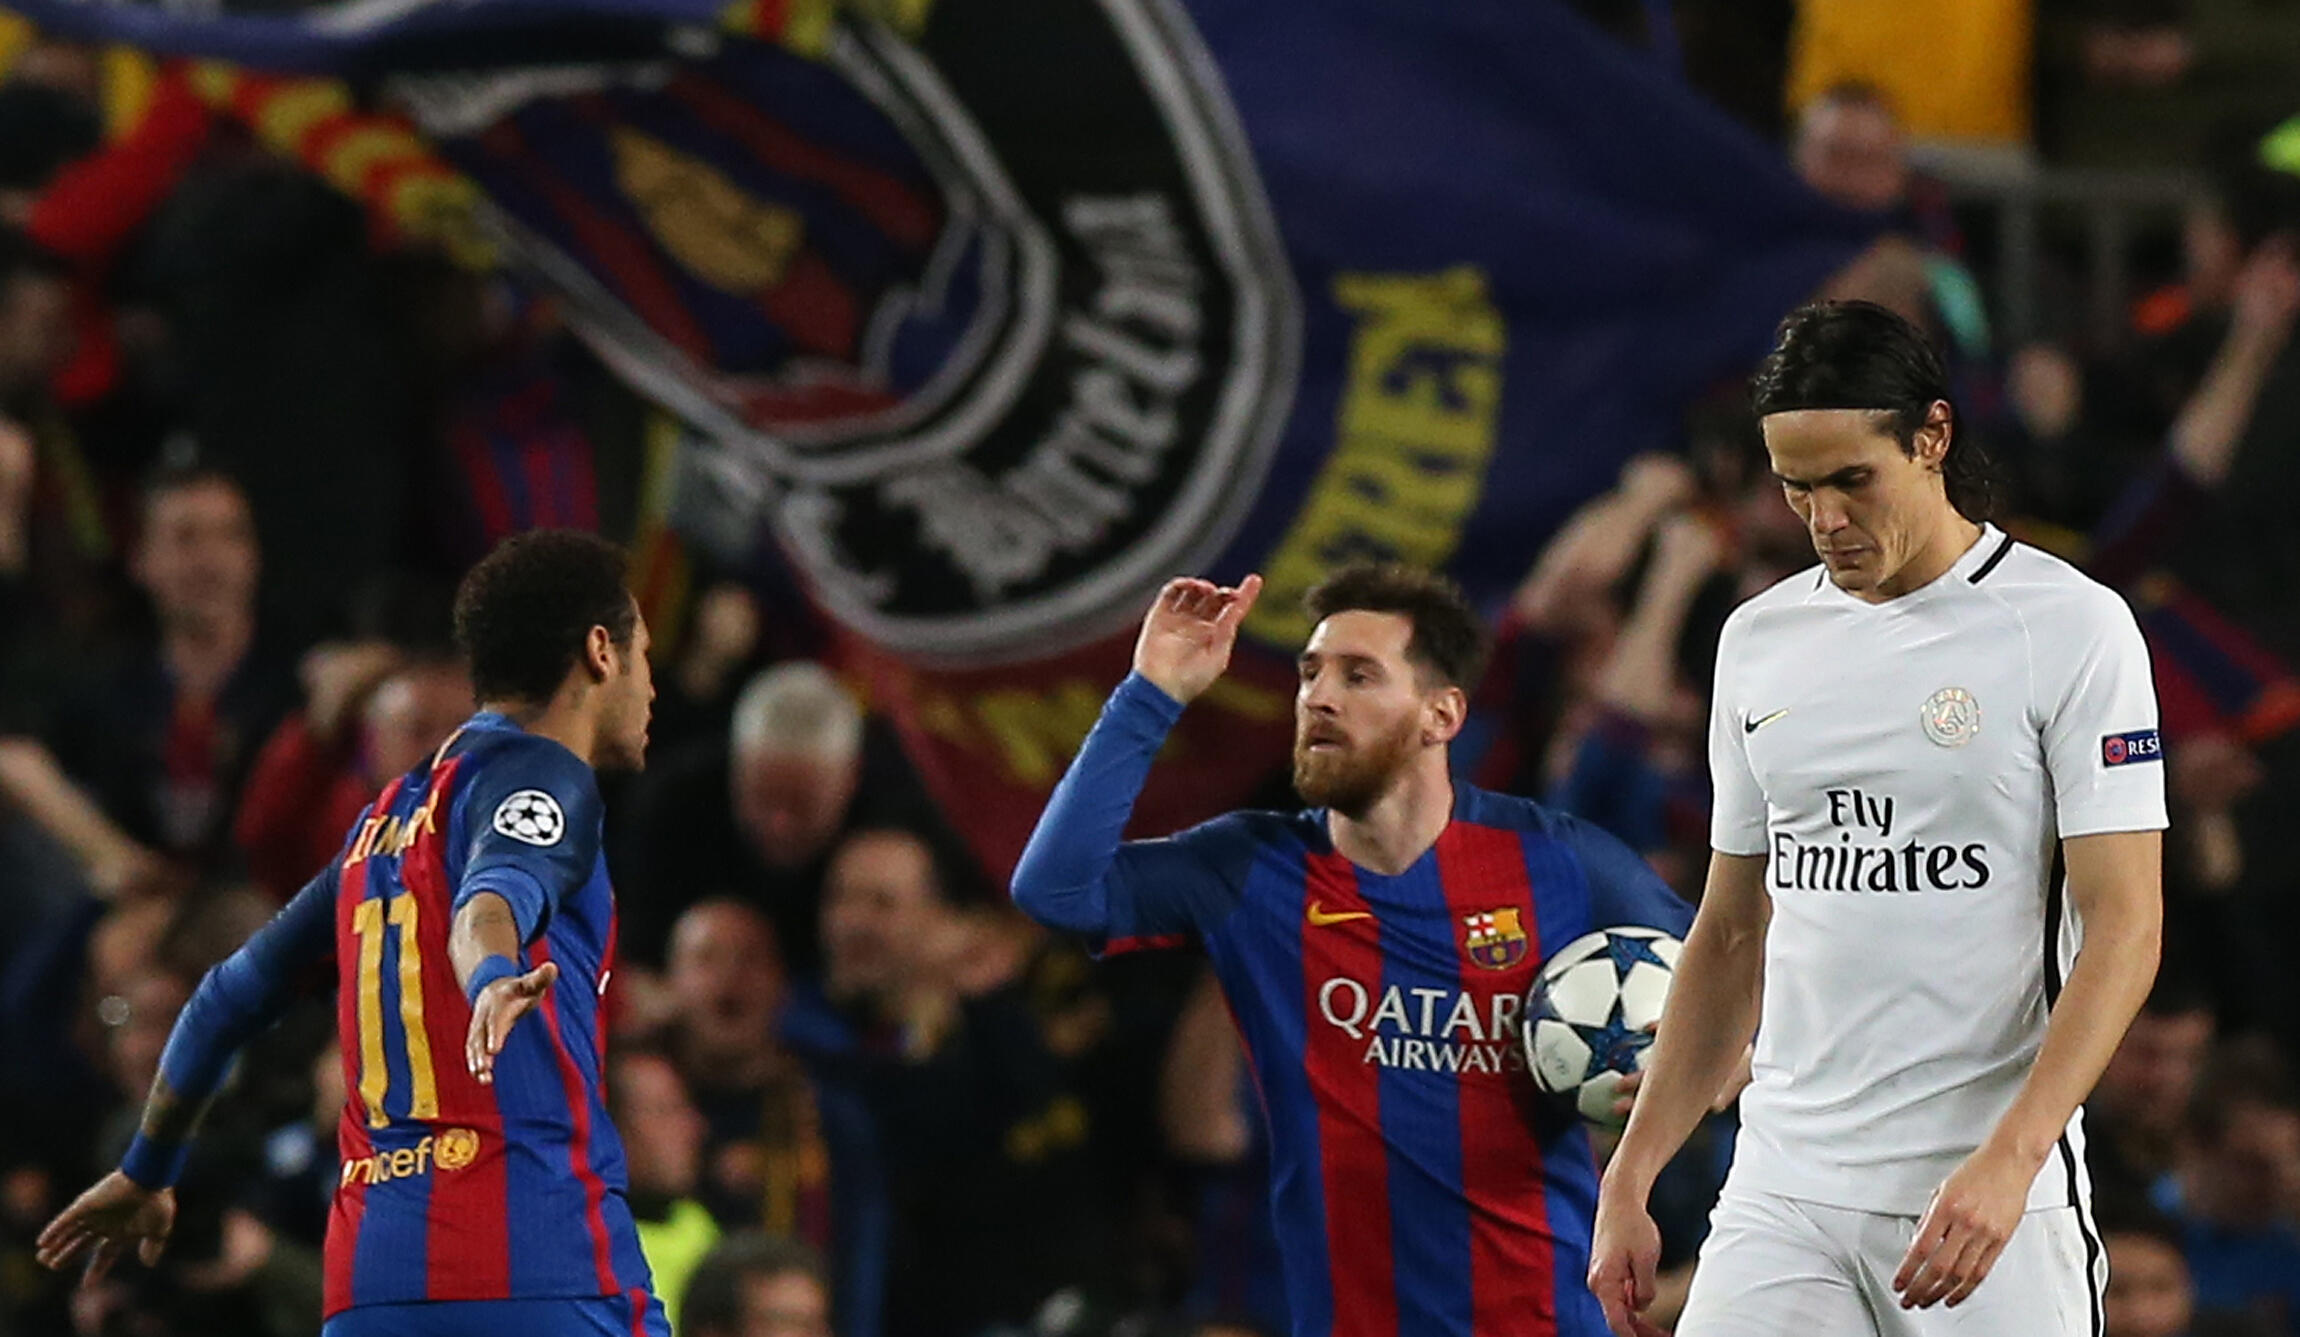 Edinson Cavani (direita), avançado do PSG, marcou um golo que foi insuficiente frente ao Barcelona do avançado brasileiro Neymar (esquera) e do avançado argentino Lionel Messi (centro).